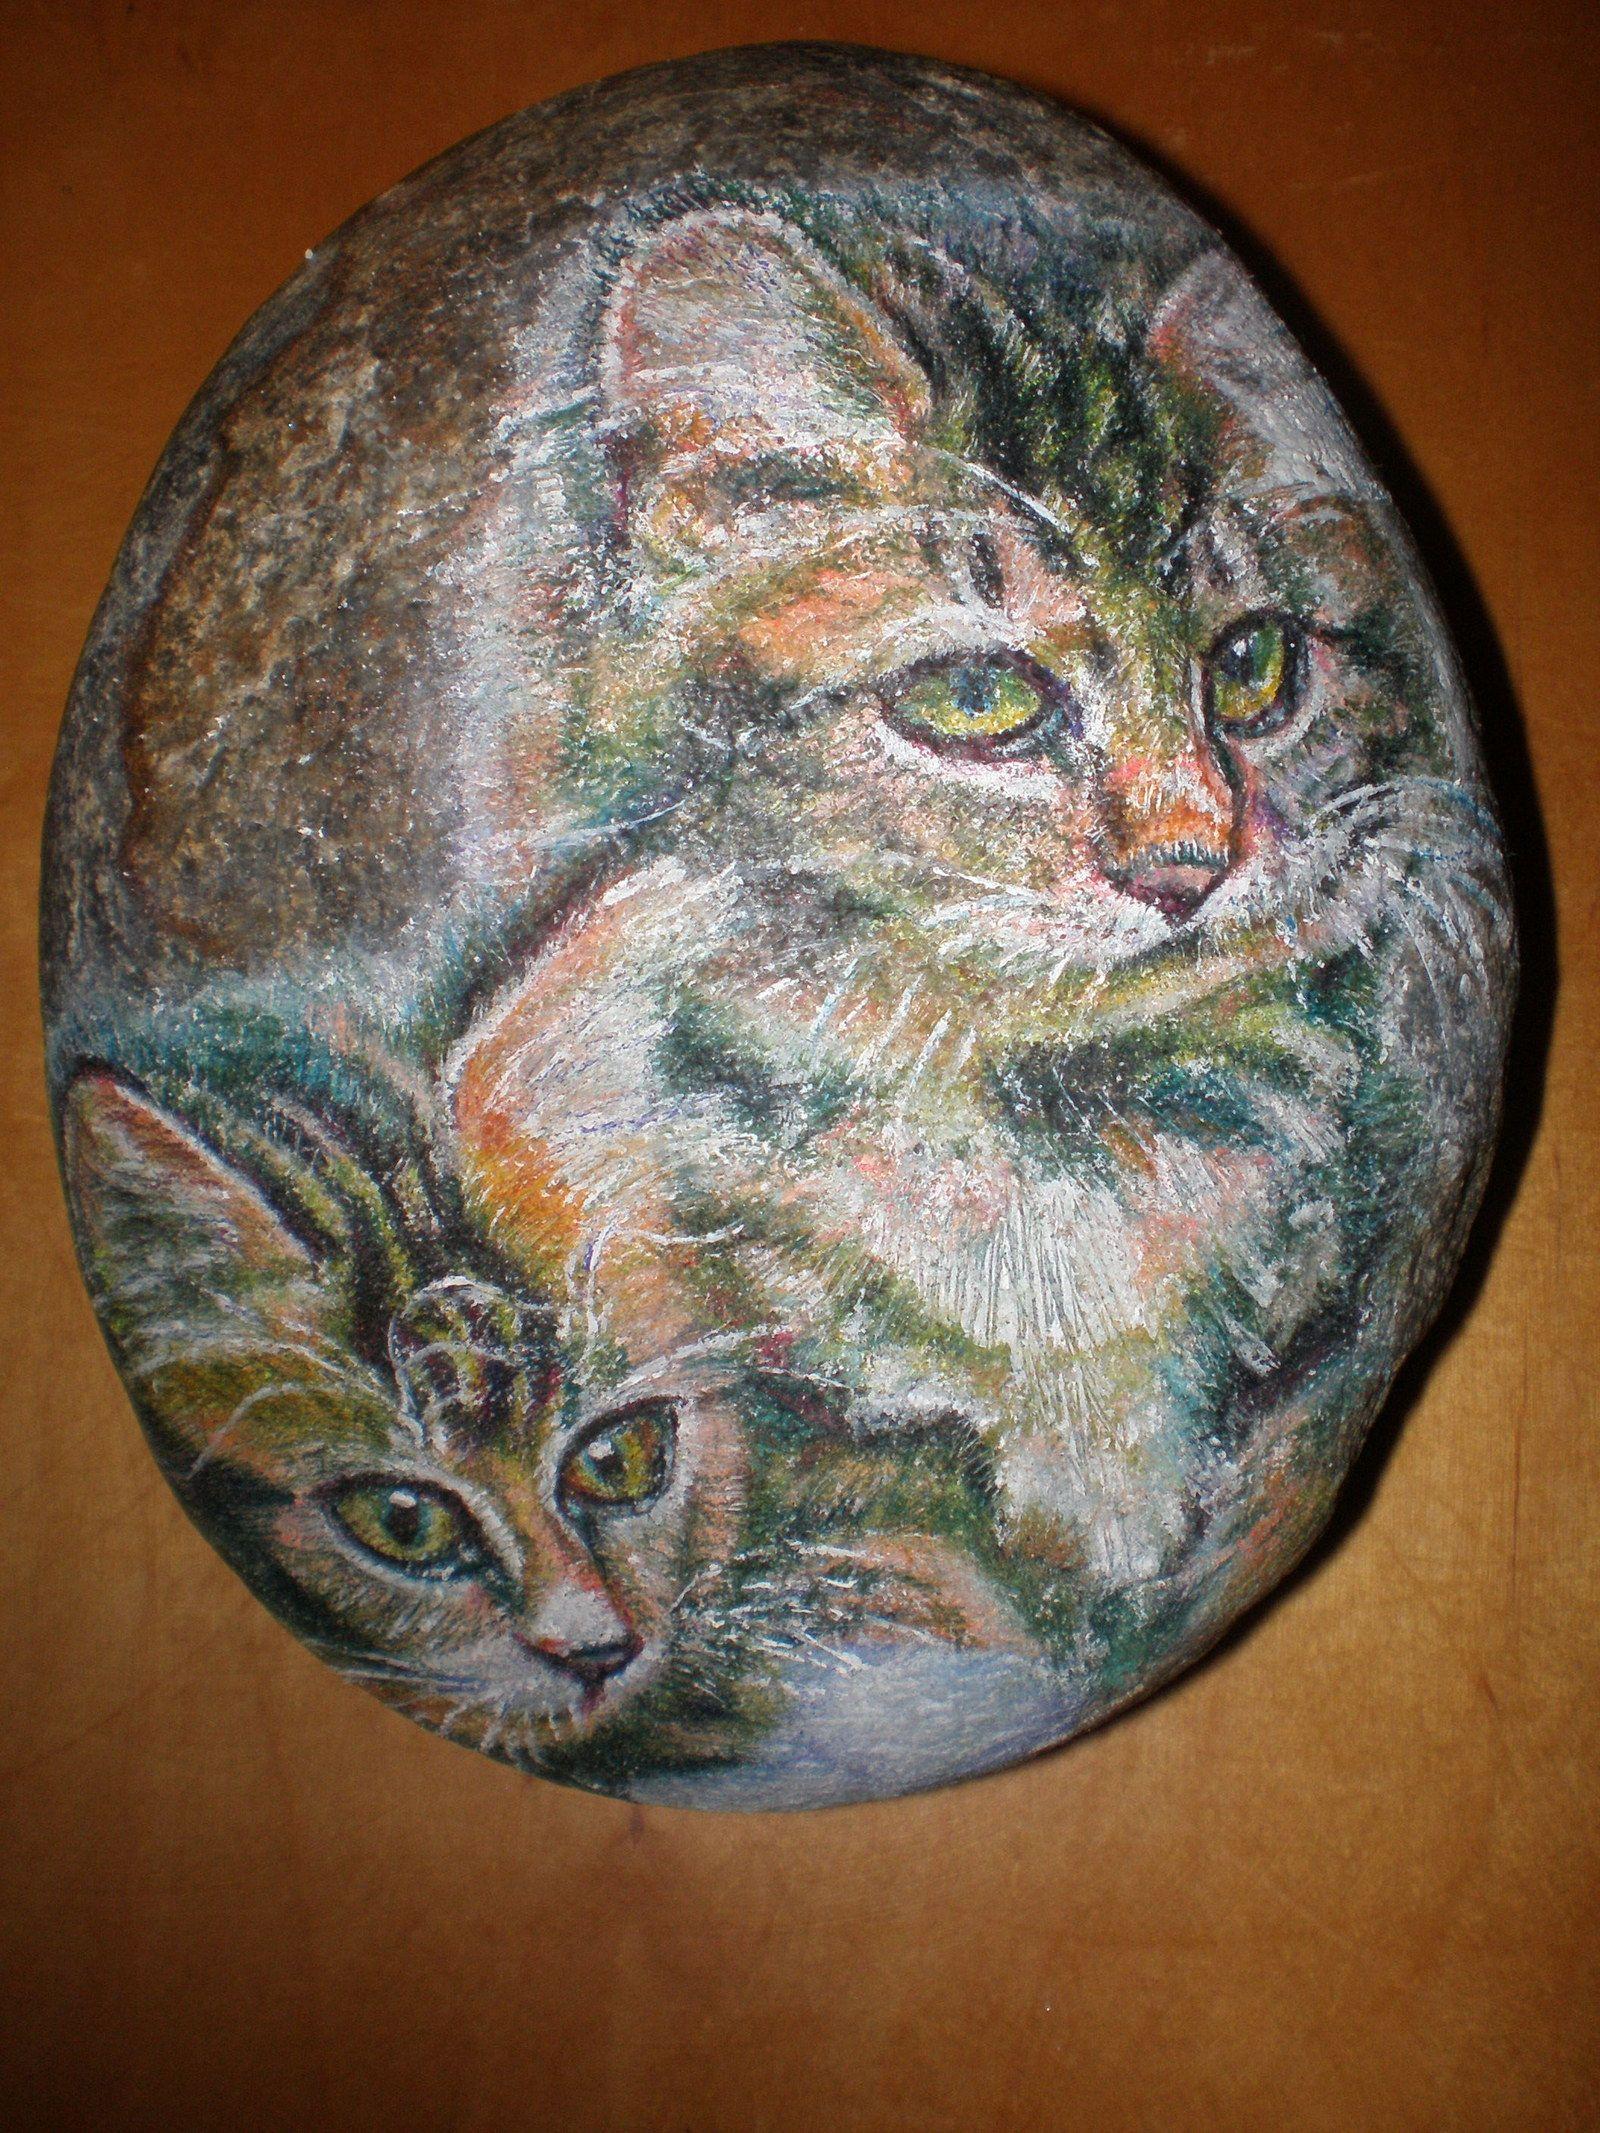 Přátelství+Dekorativní+kámen+o+velikosti+cca+13+x+18+cm,+hmotnost+cca+2,3+kg,+s+vyobrazeným+kočičím+motivem.+Námět+symbolizuje+přátelství,+soudržnost,+pospolitost,+upřímnost+a+čistotu+vztahu+...